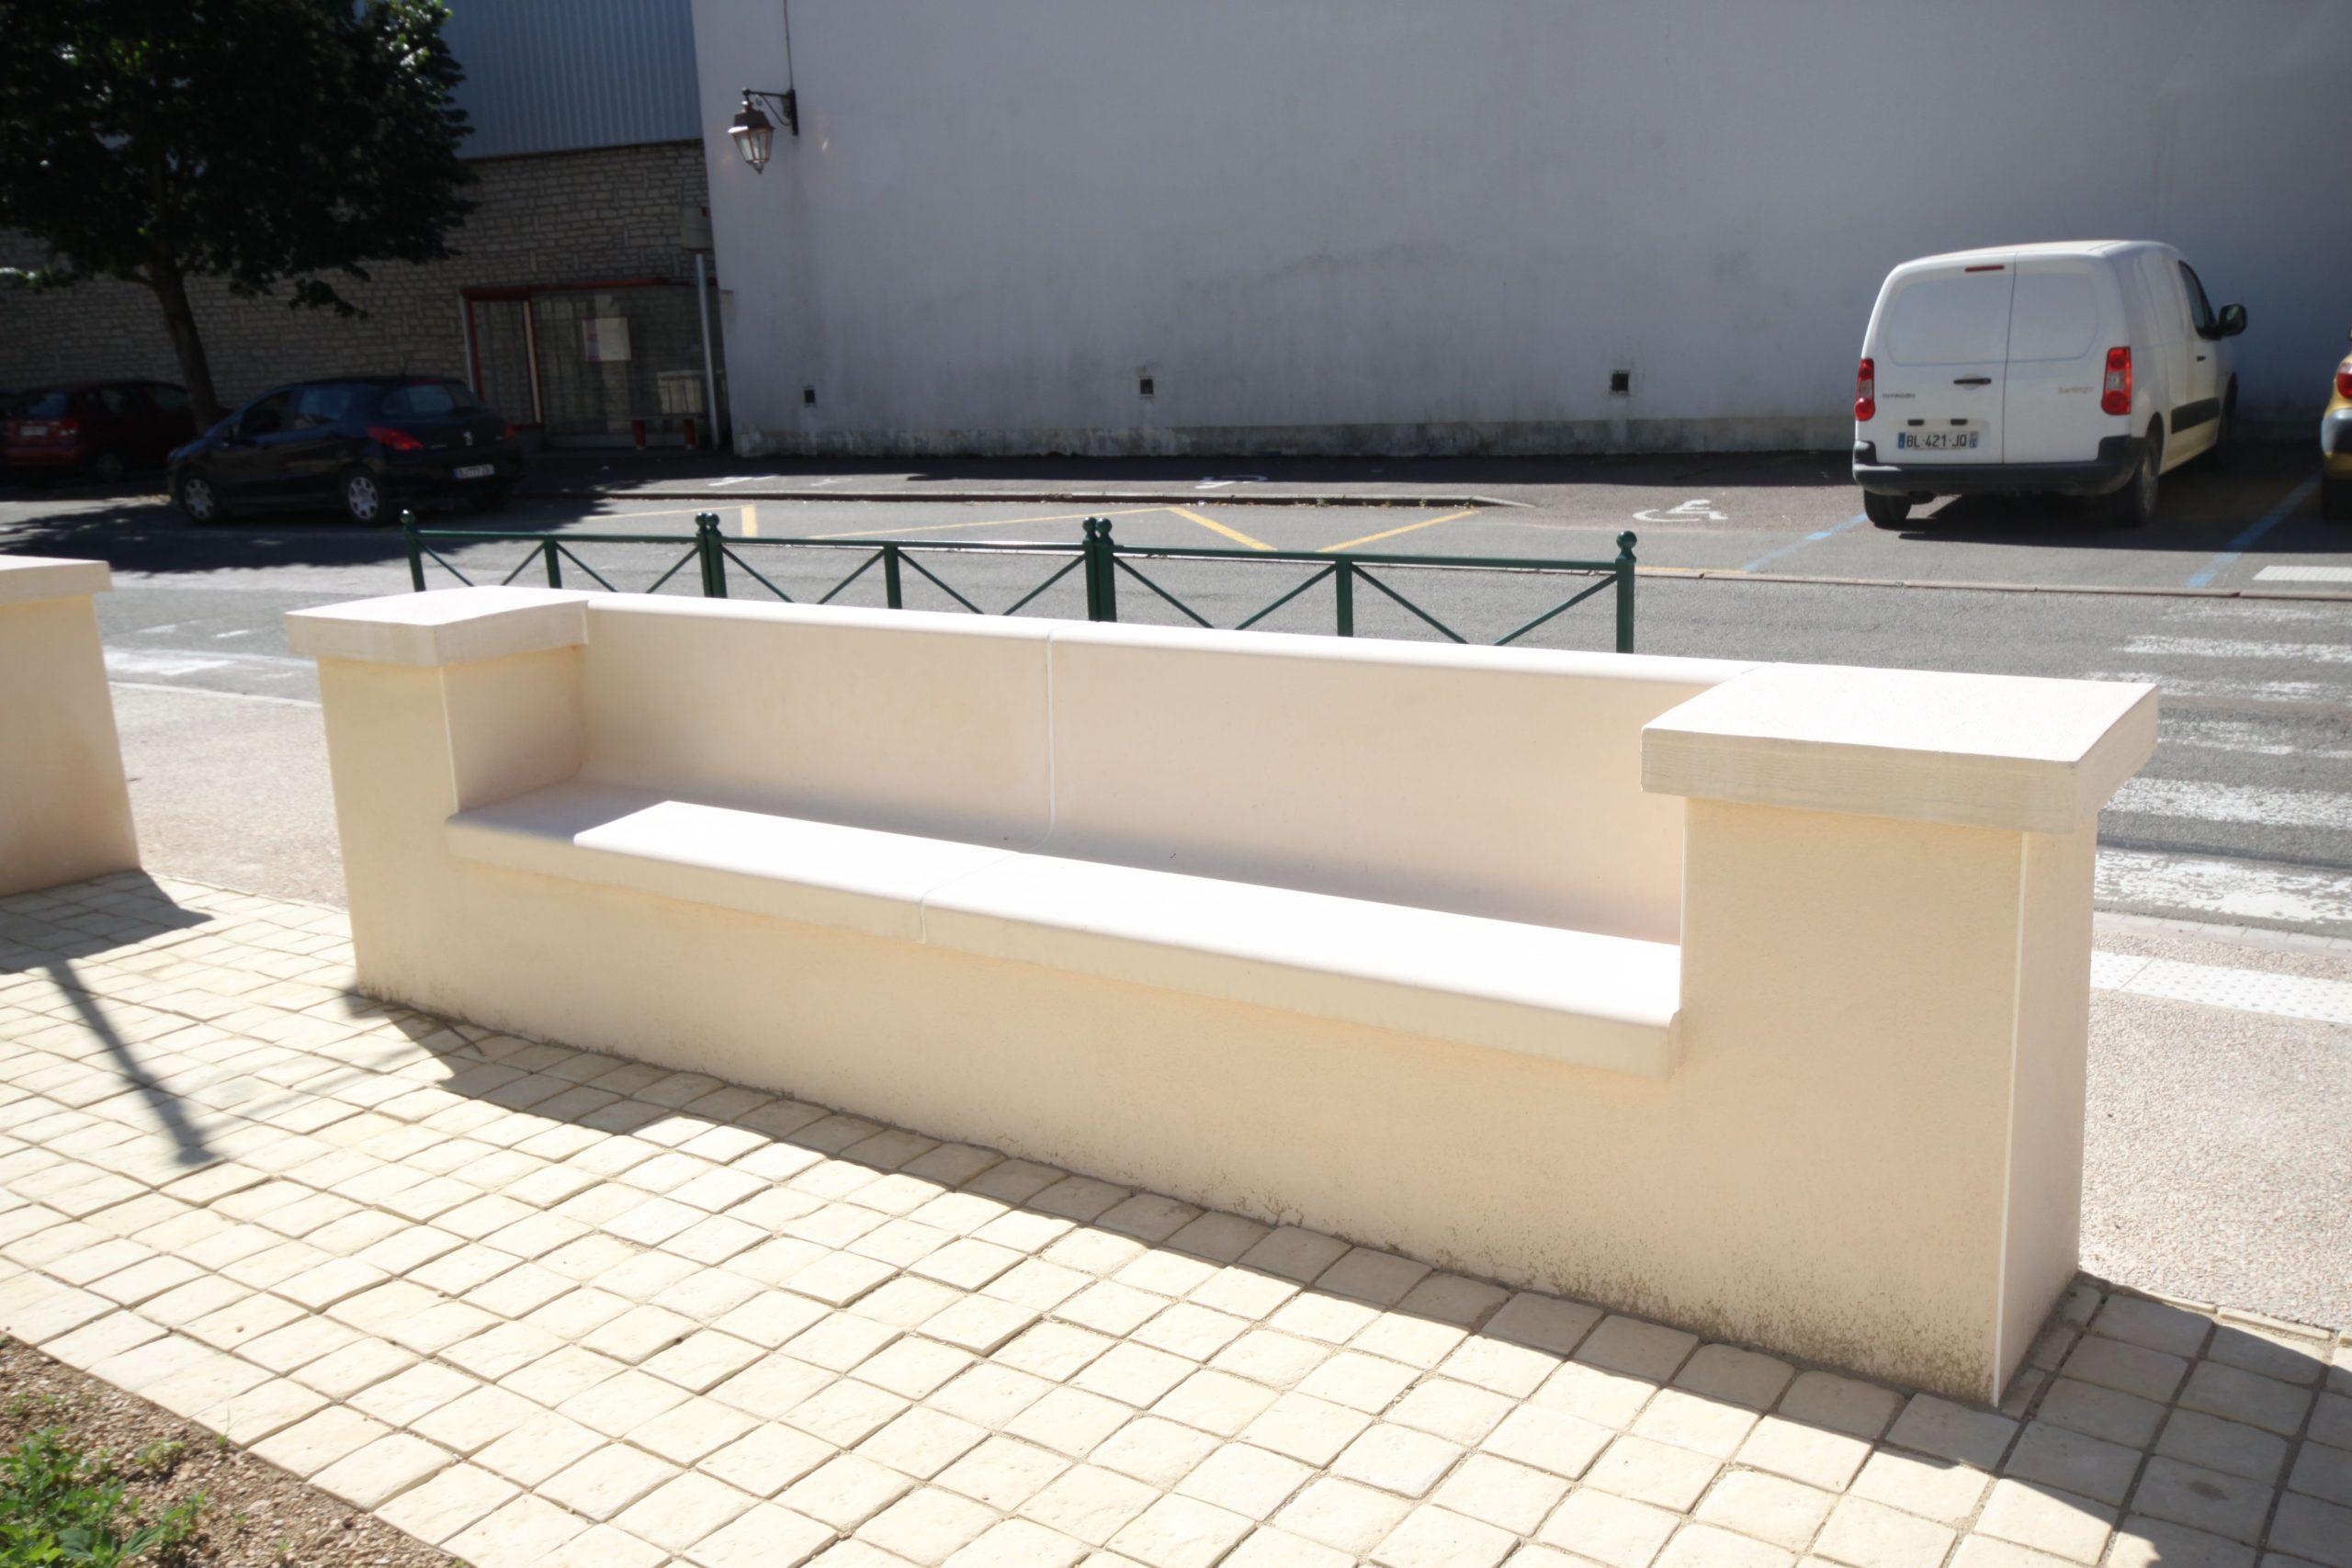 Banc Extérieur Pour L'aménagement D'espaces Publics, Banc ... destiné Banc Extérieur Béton